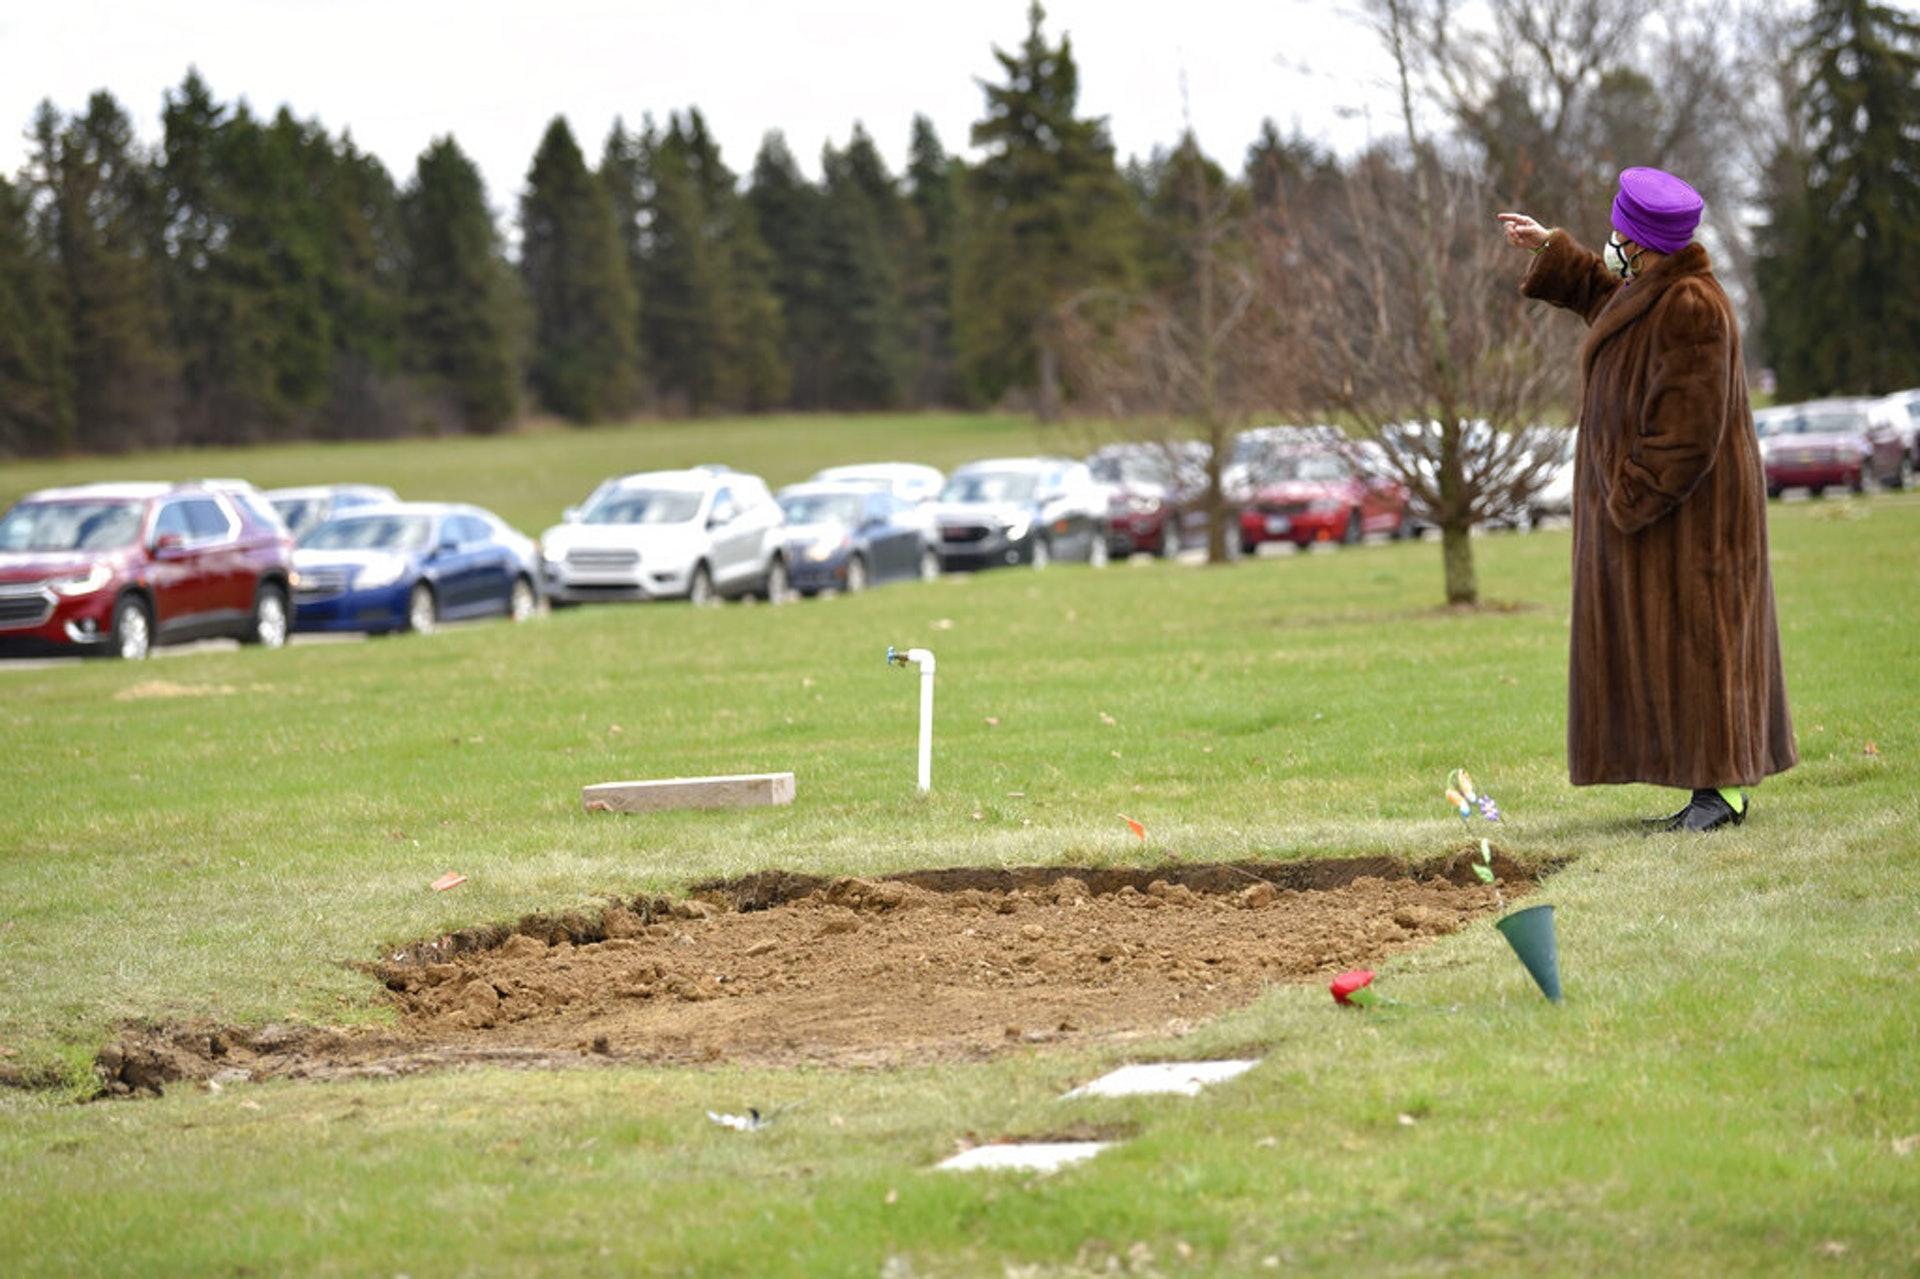 美國新冠肺炎疫情:疫情令許多人痛失家人,其中布朗(Sandy Brown)的丈夫和兒子因感染新冠肺炎死亡。圖為布朗4月10日在密歇根弗林特的墓地向她的親友揮手。(AP)